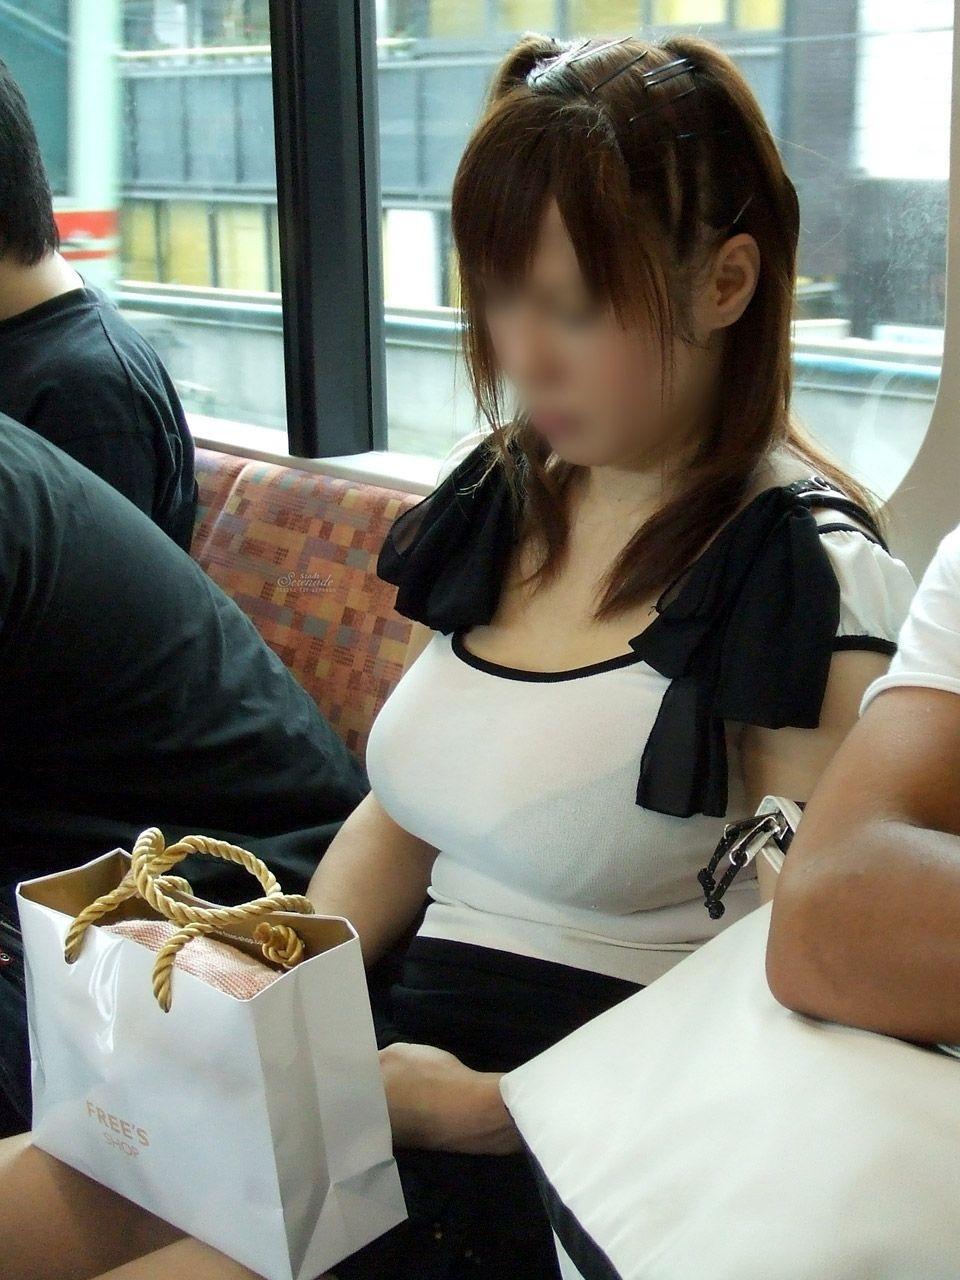 【透けブラエロ画像】指摘したらどんな顔してくれるだろうwwwブラウスやシャツ越しに見える魅惑の透けブラ  11